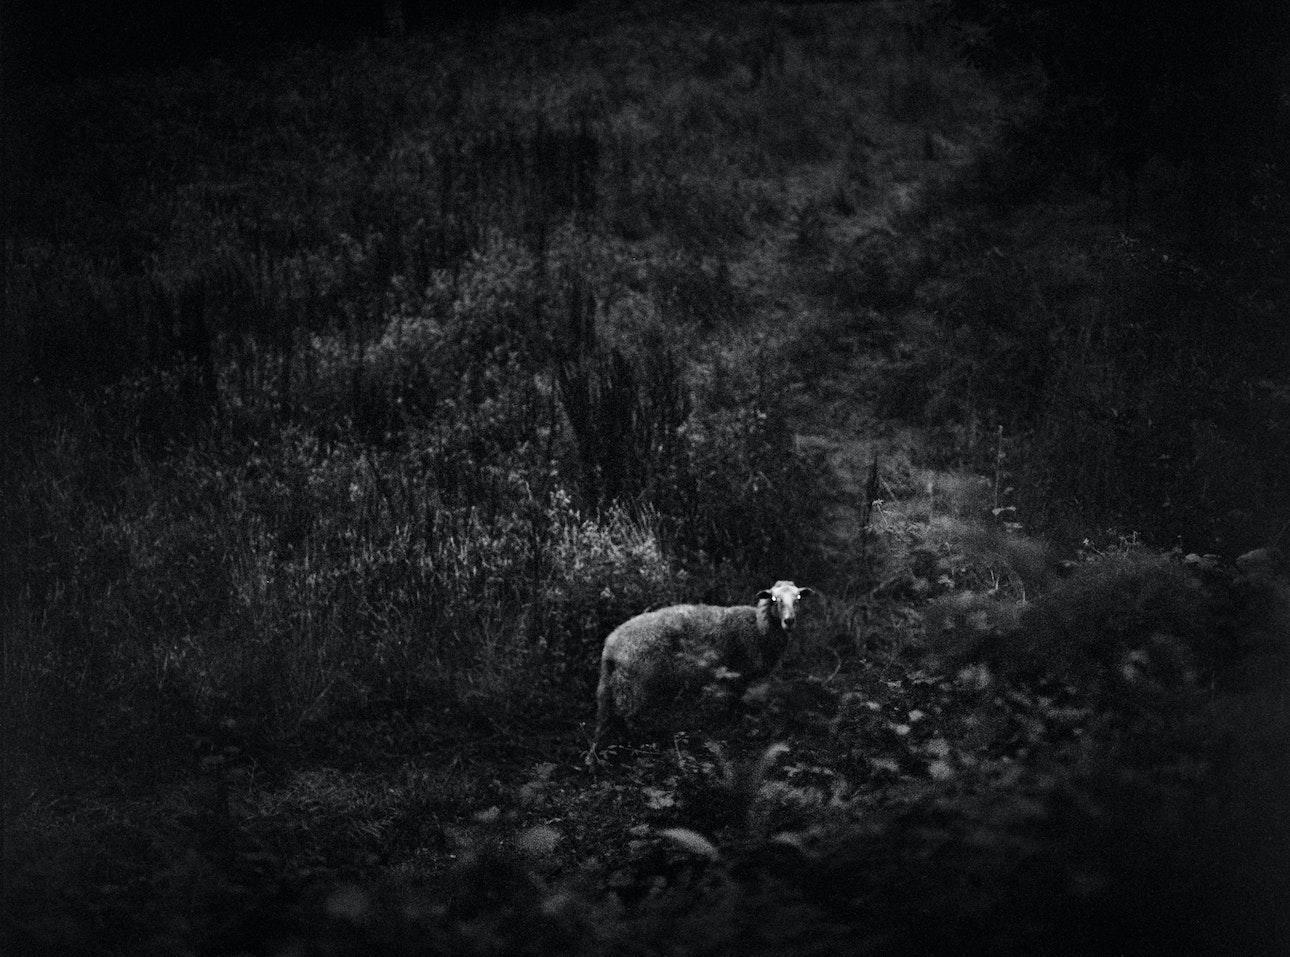 lambs_slaughter_bif-16